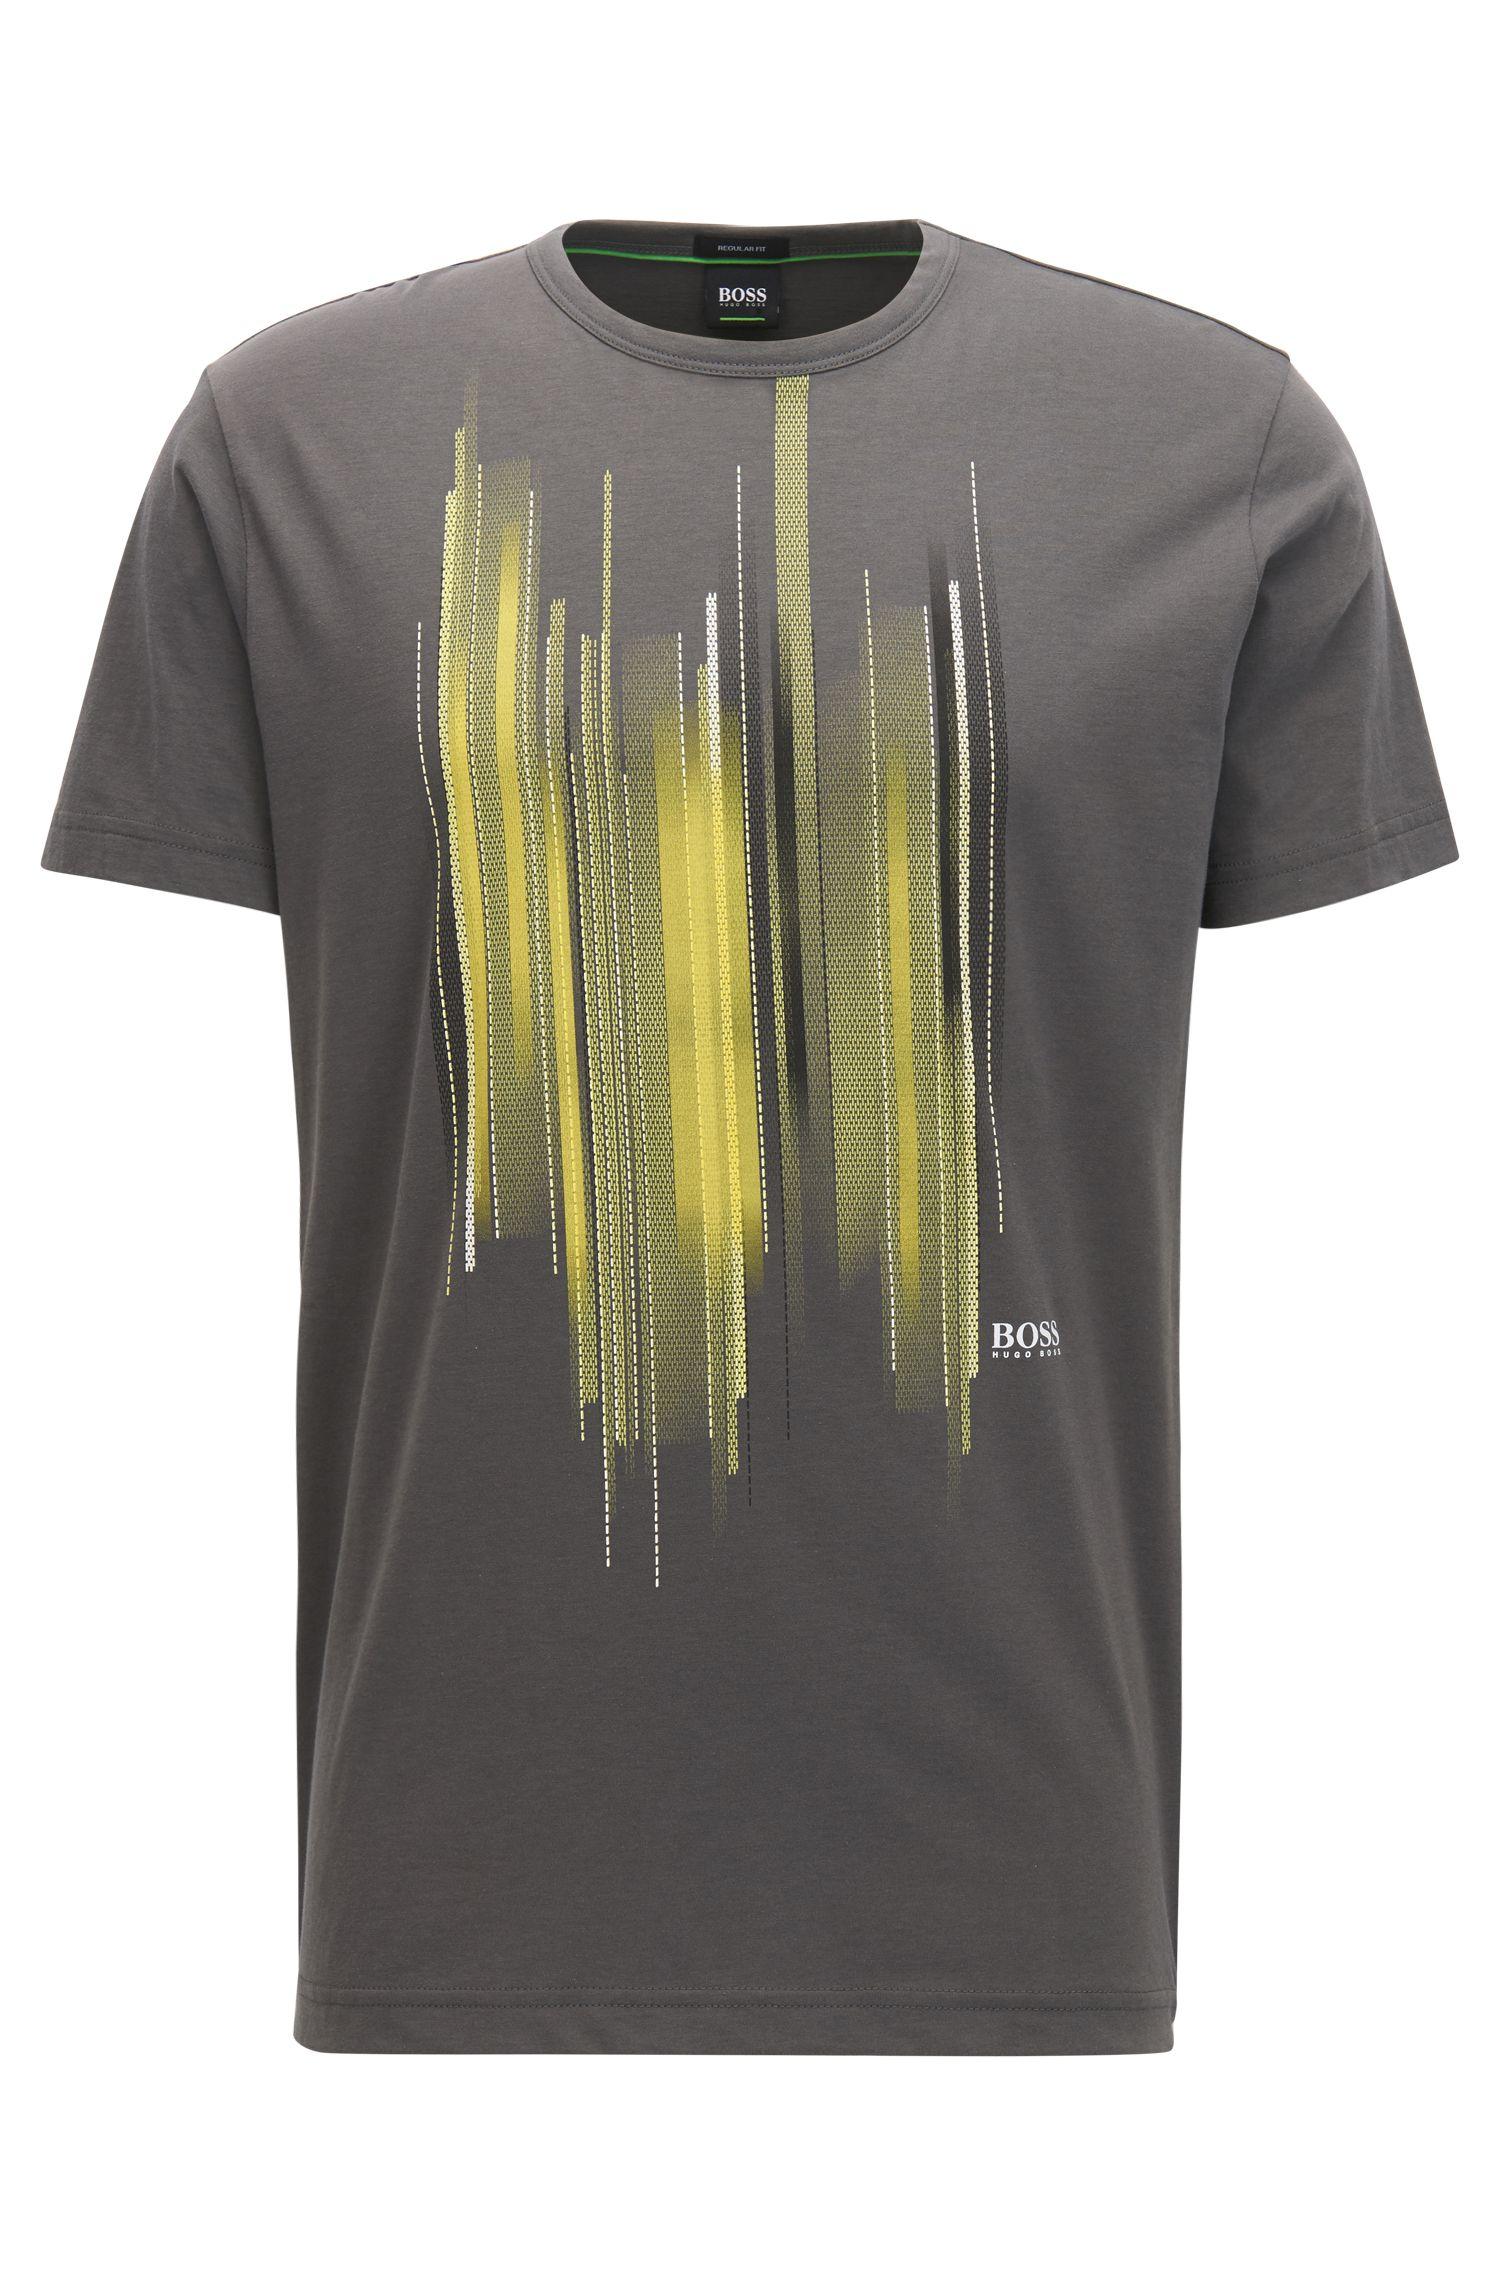 T-shirt in cotone con stampa grafica